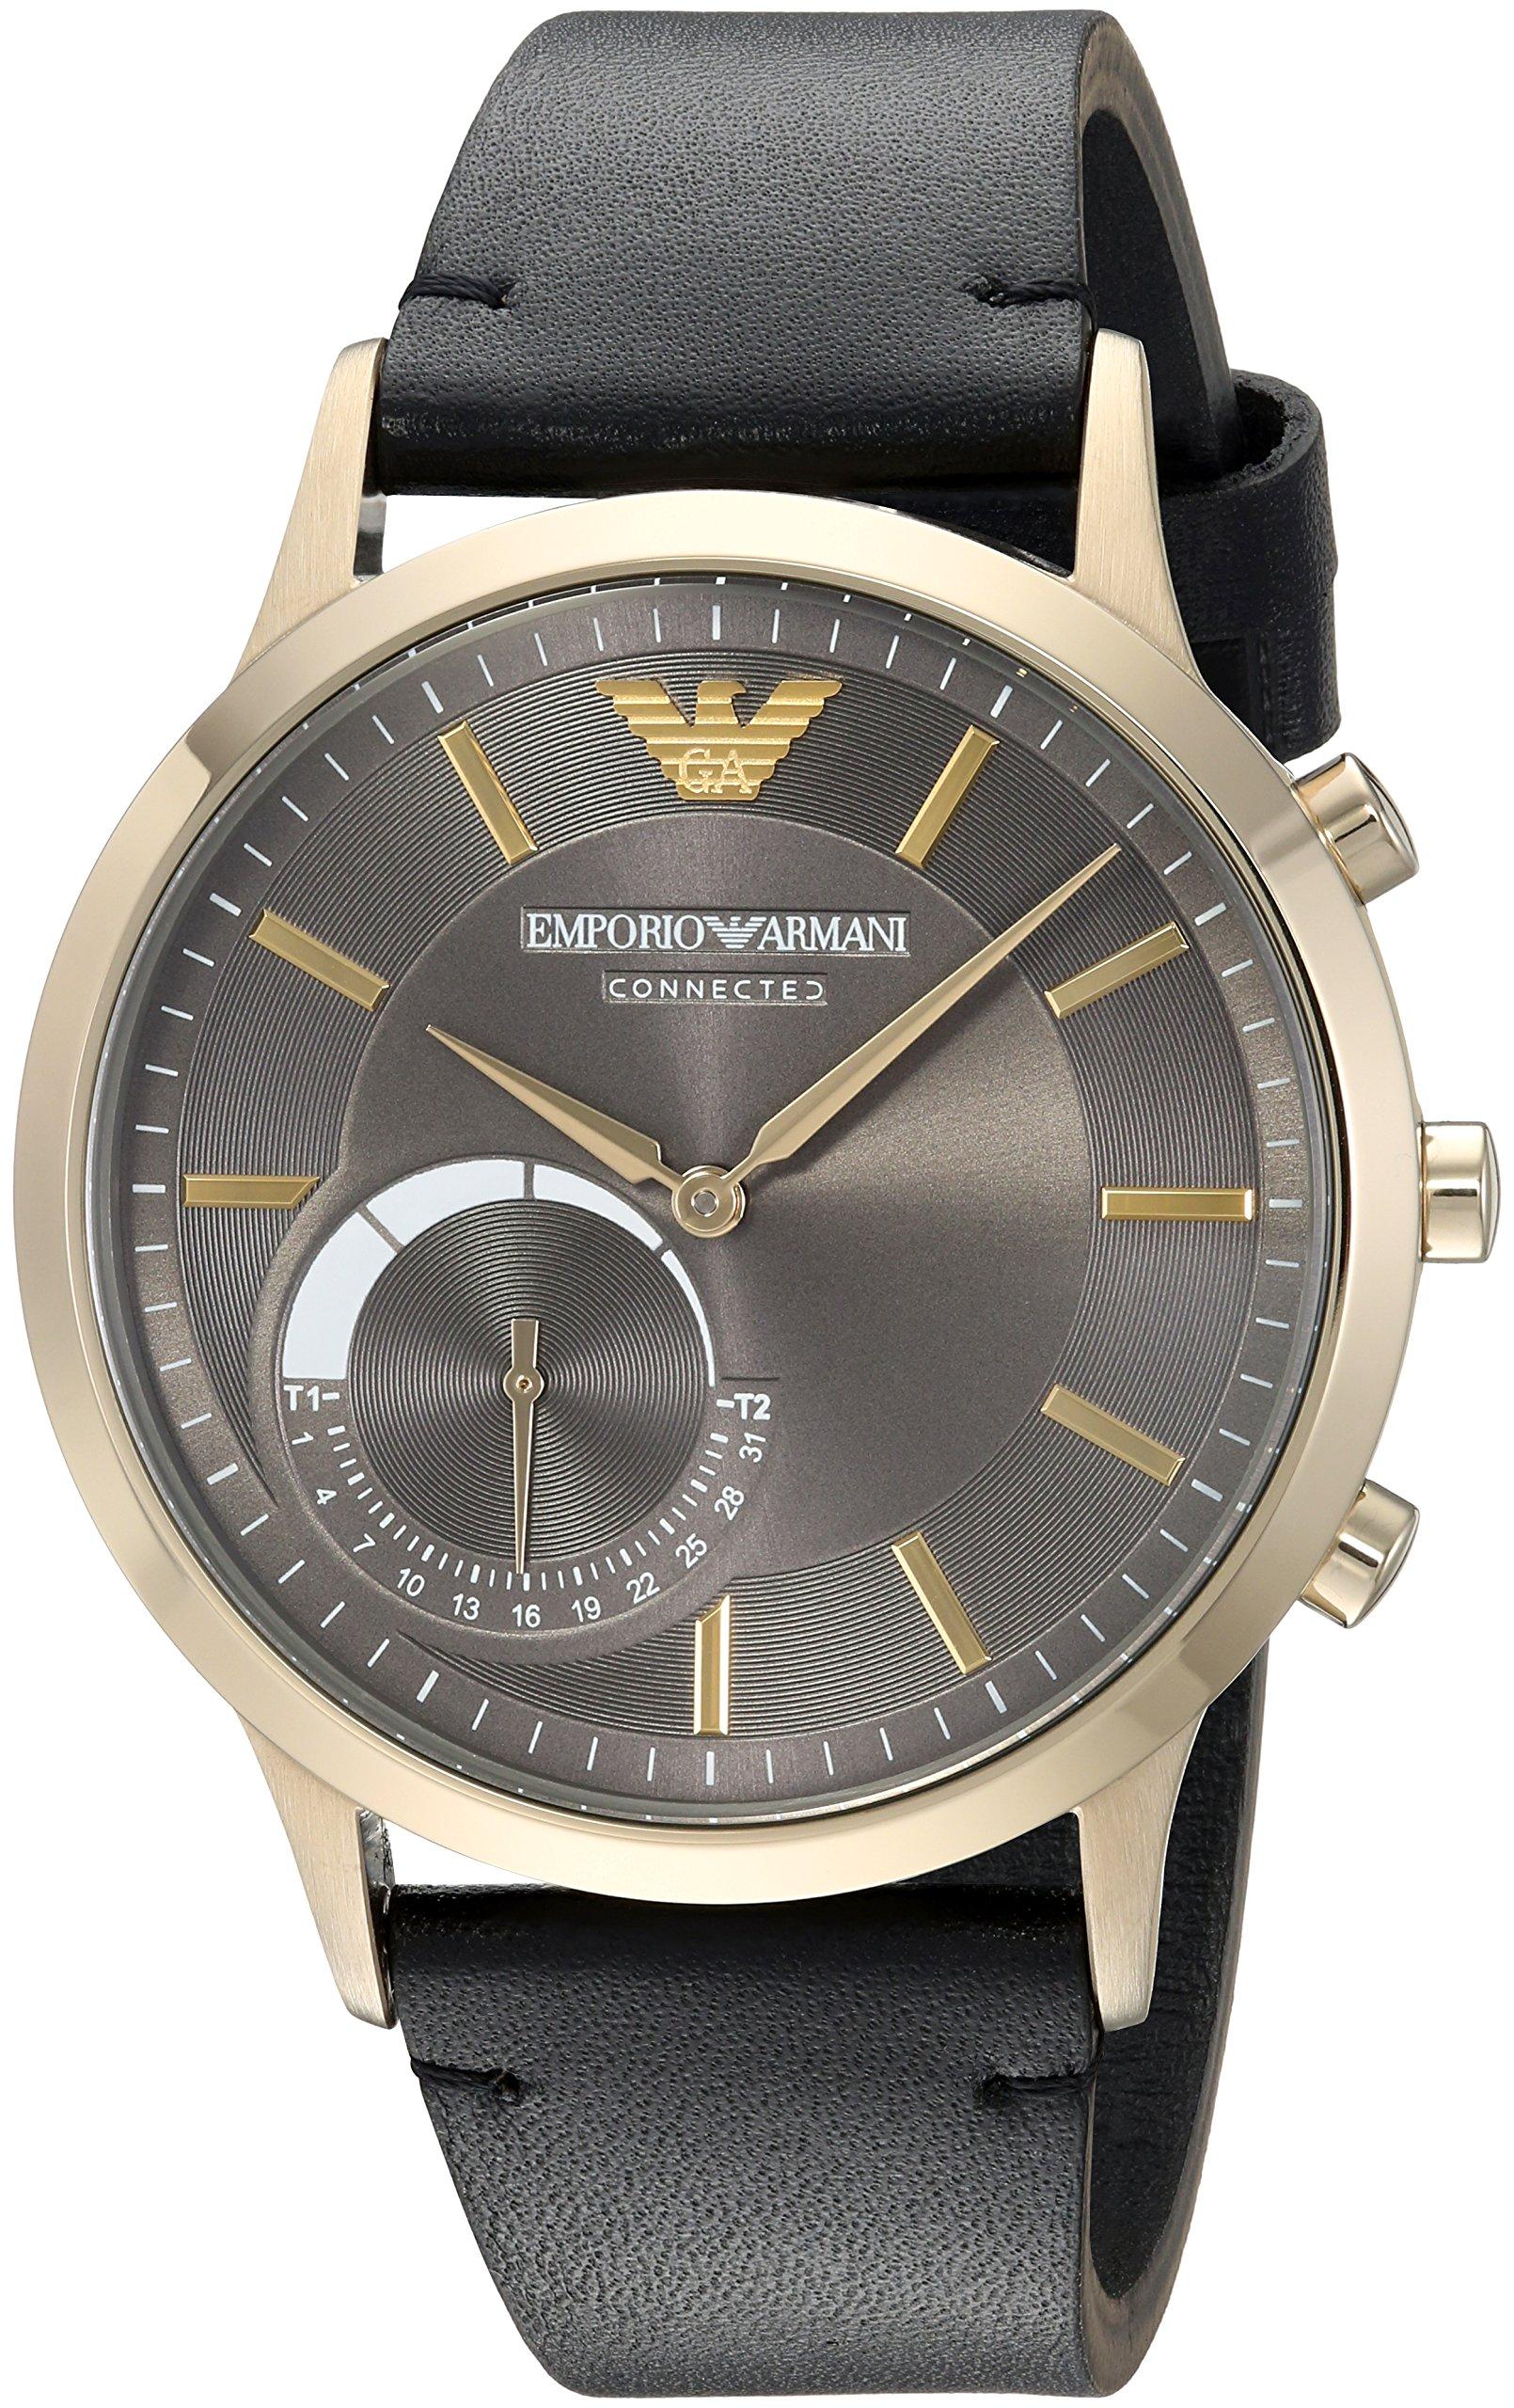 Emporio Armani Hybrid Smartwatch ART3006 by Emporio Armani